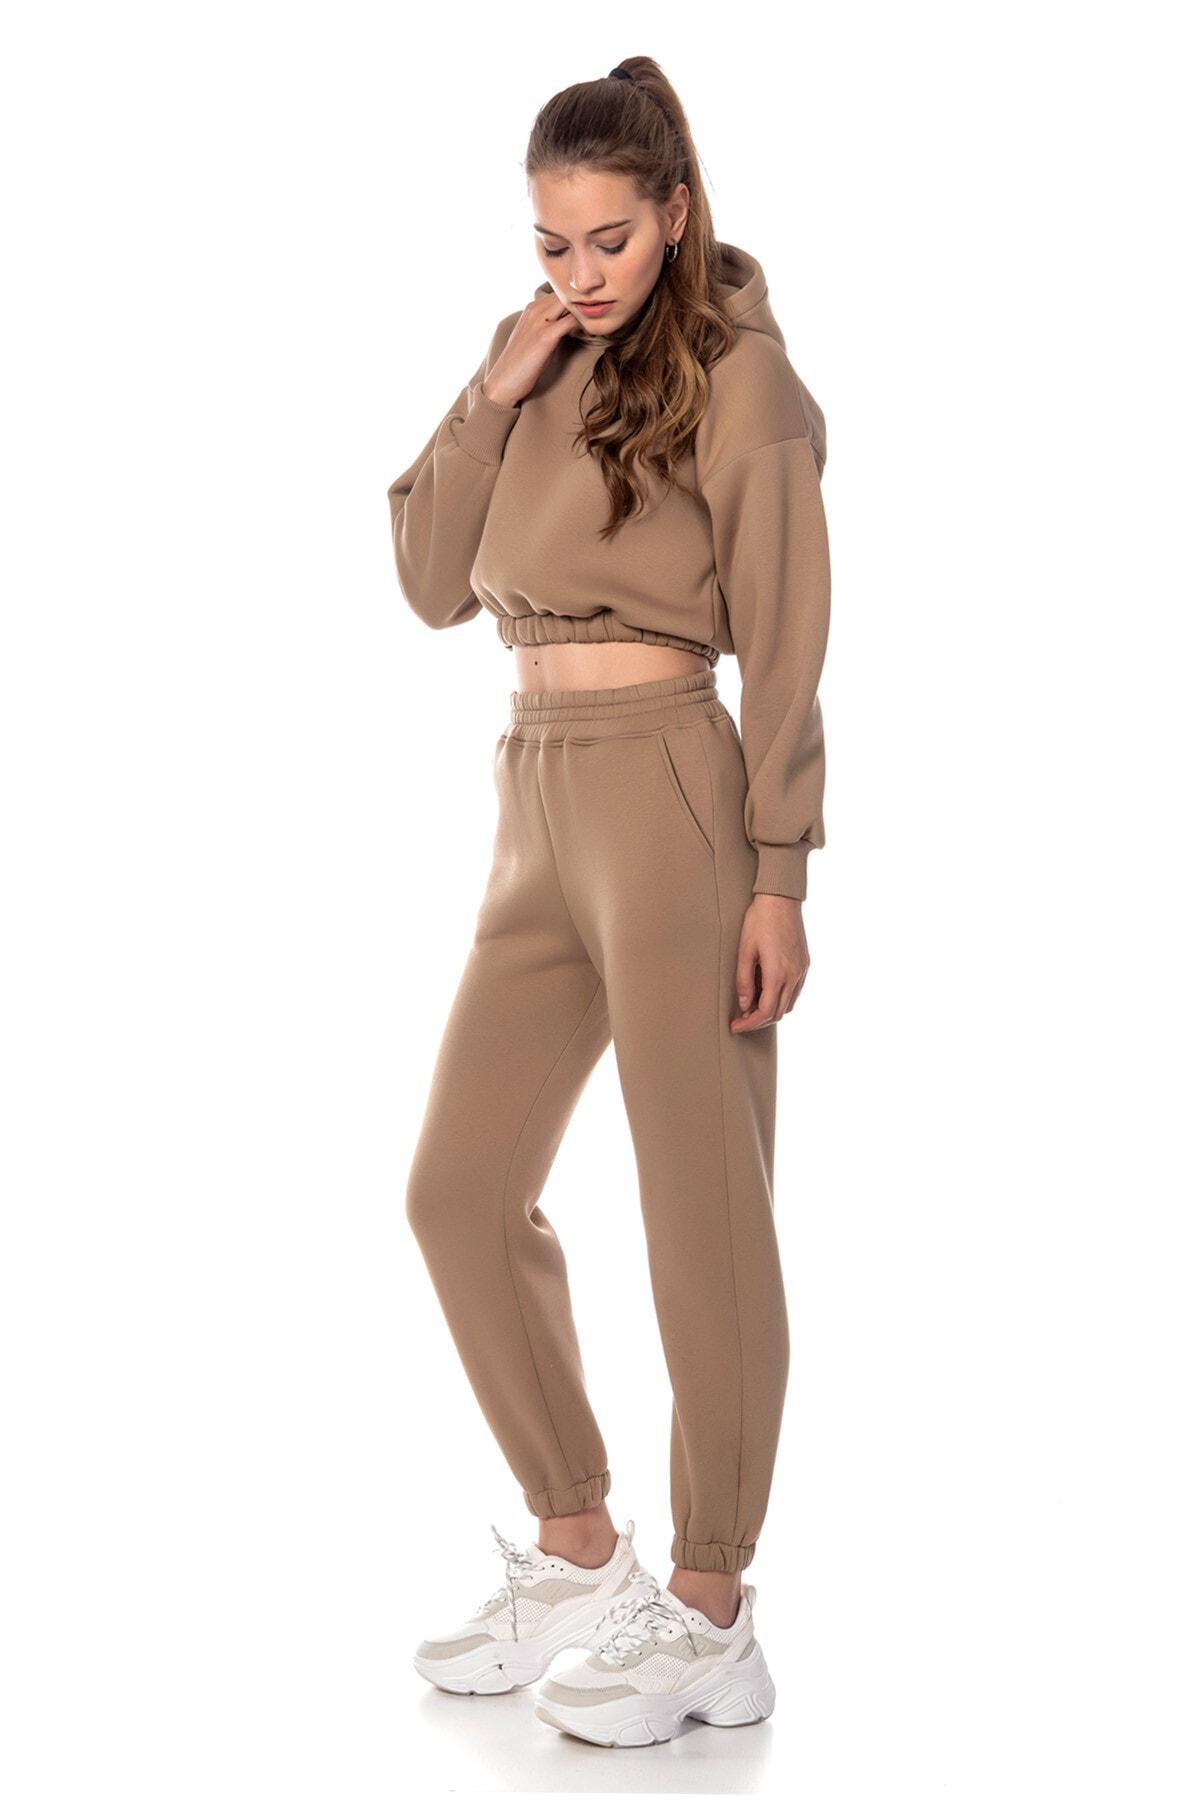 CAYA Kadın Bej Renk Yüksek Bel Jogger Eşofman Takımı Cy84156 1